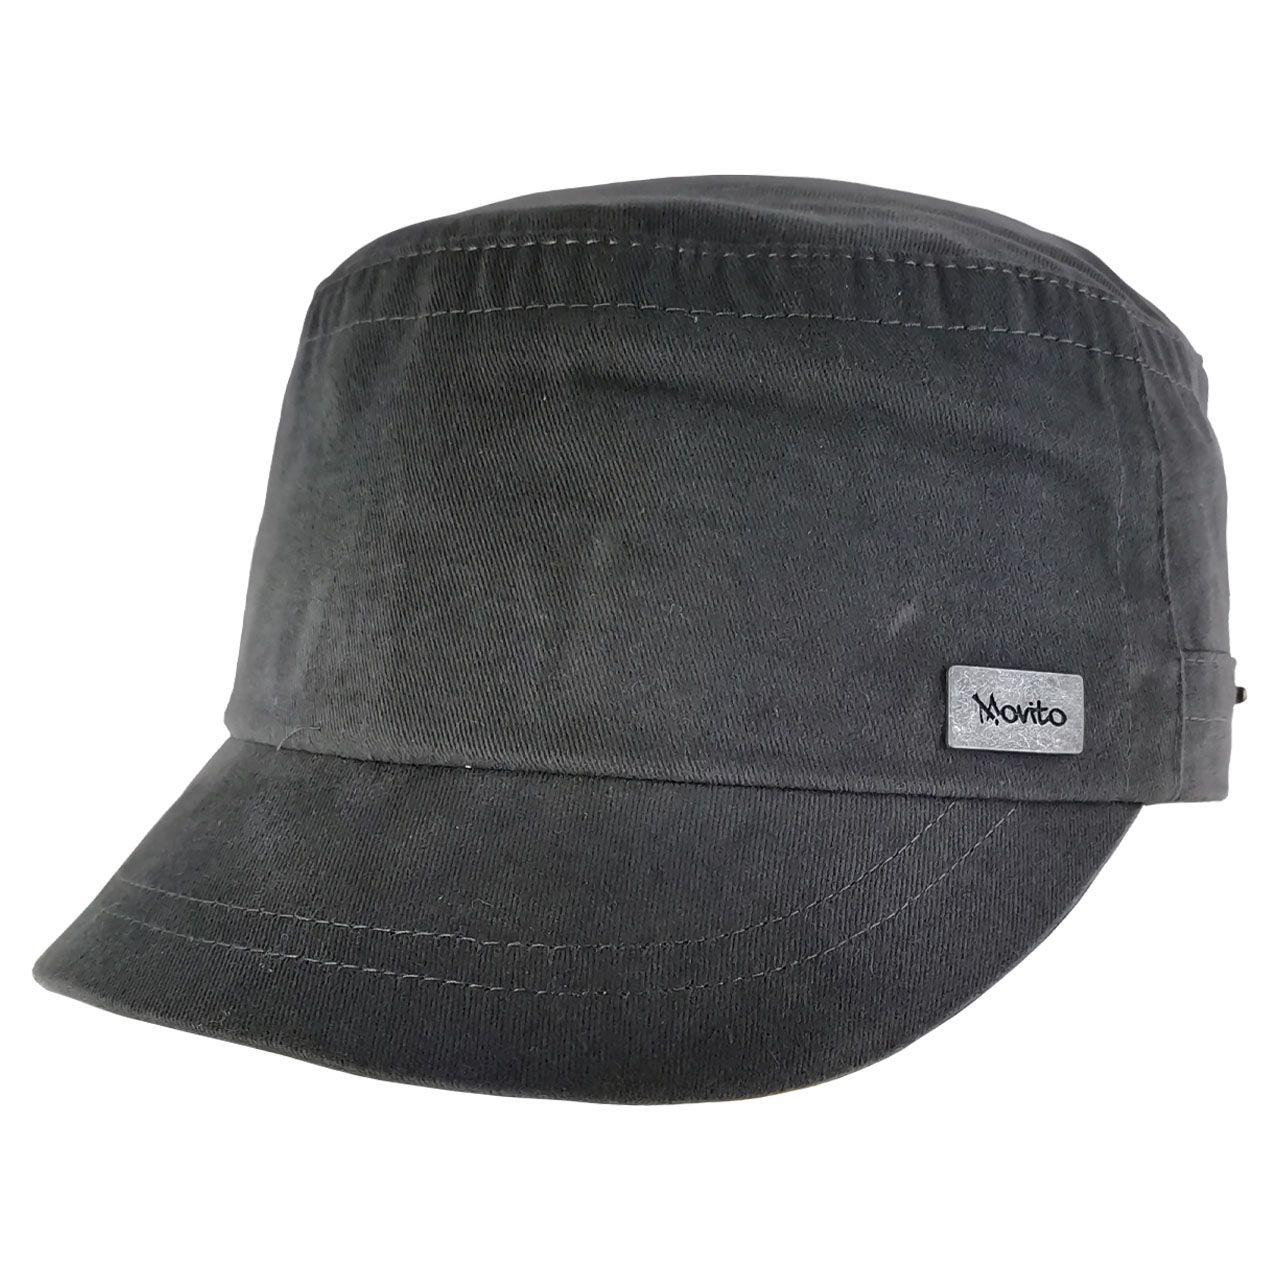 کلاه کپ موویتو کد mn381 -  - 2